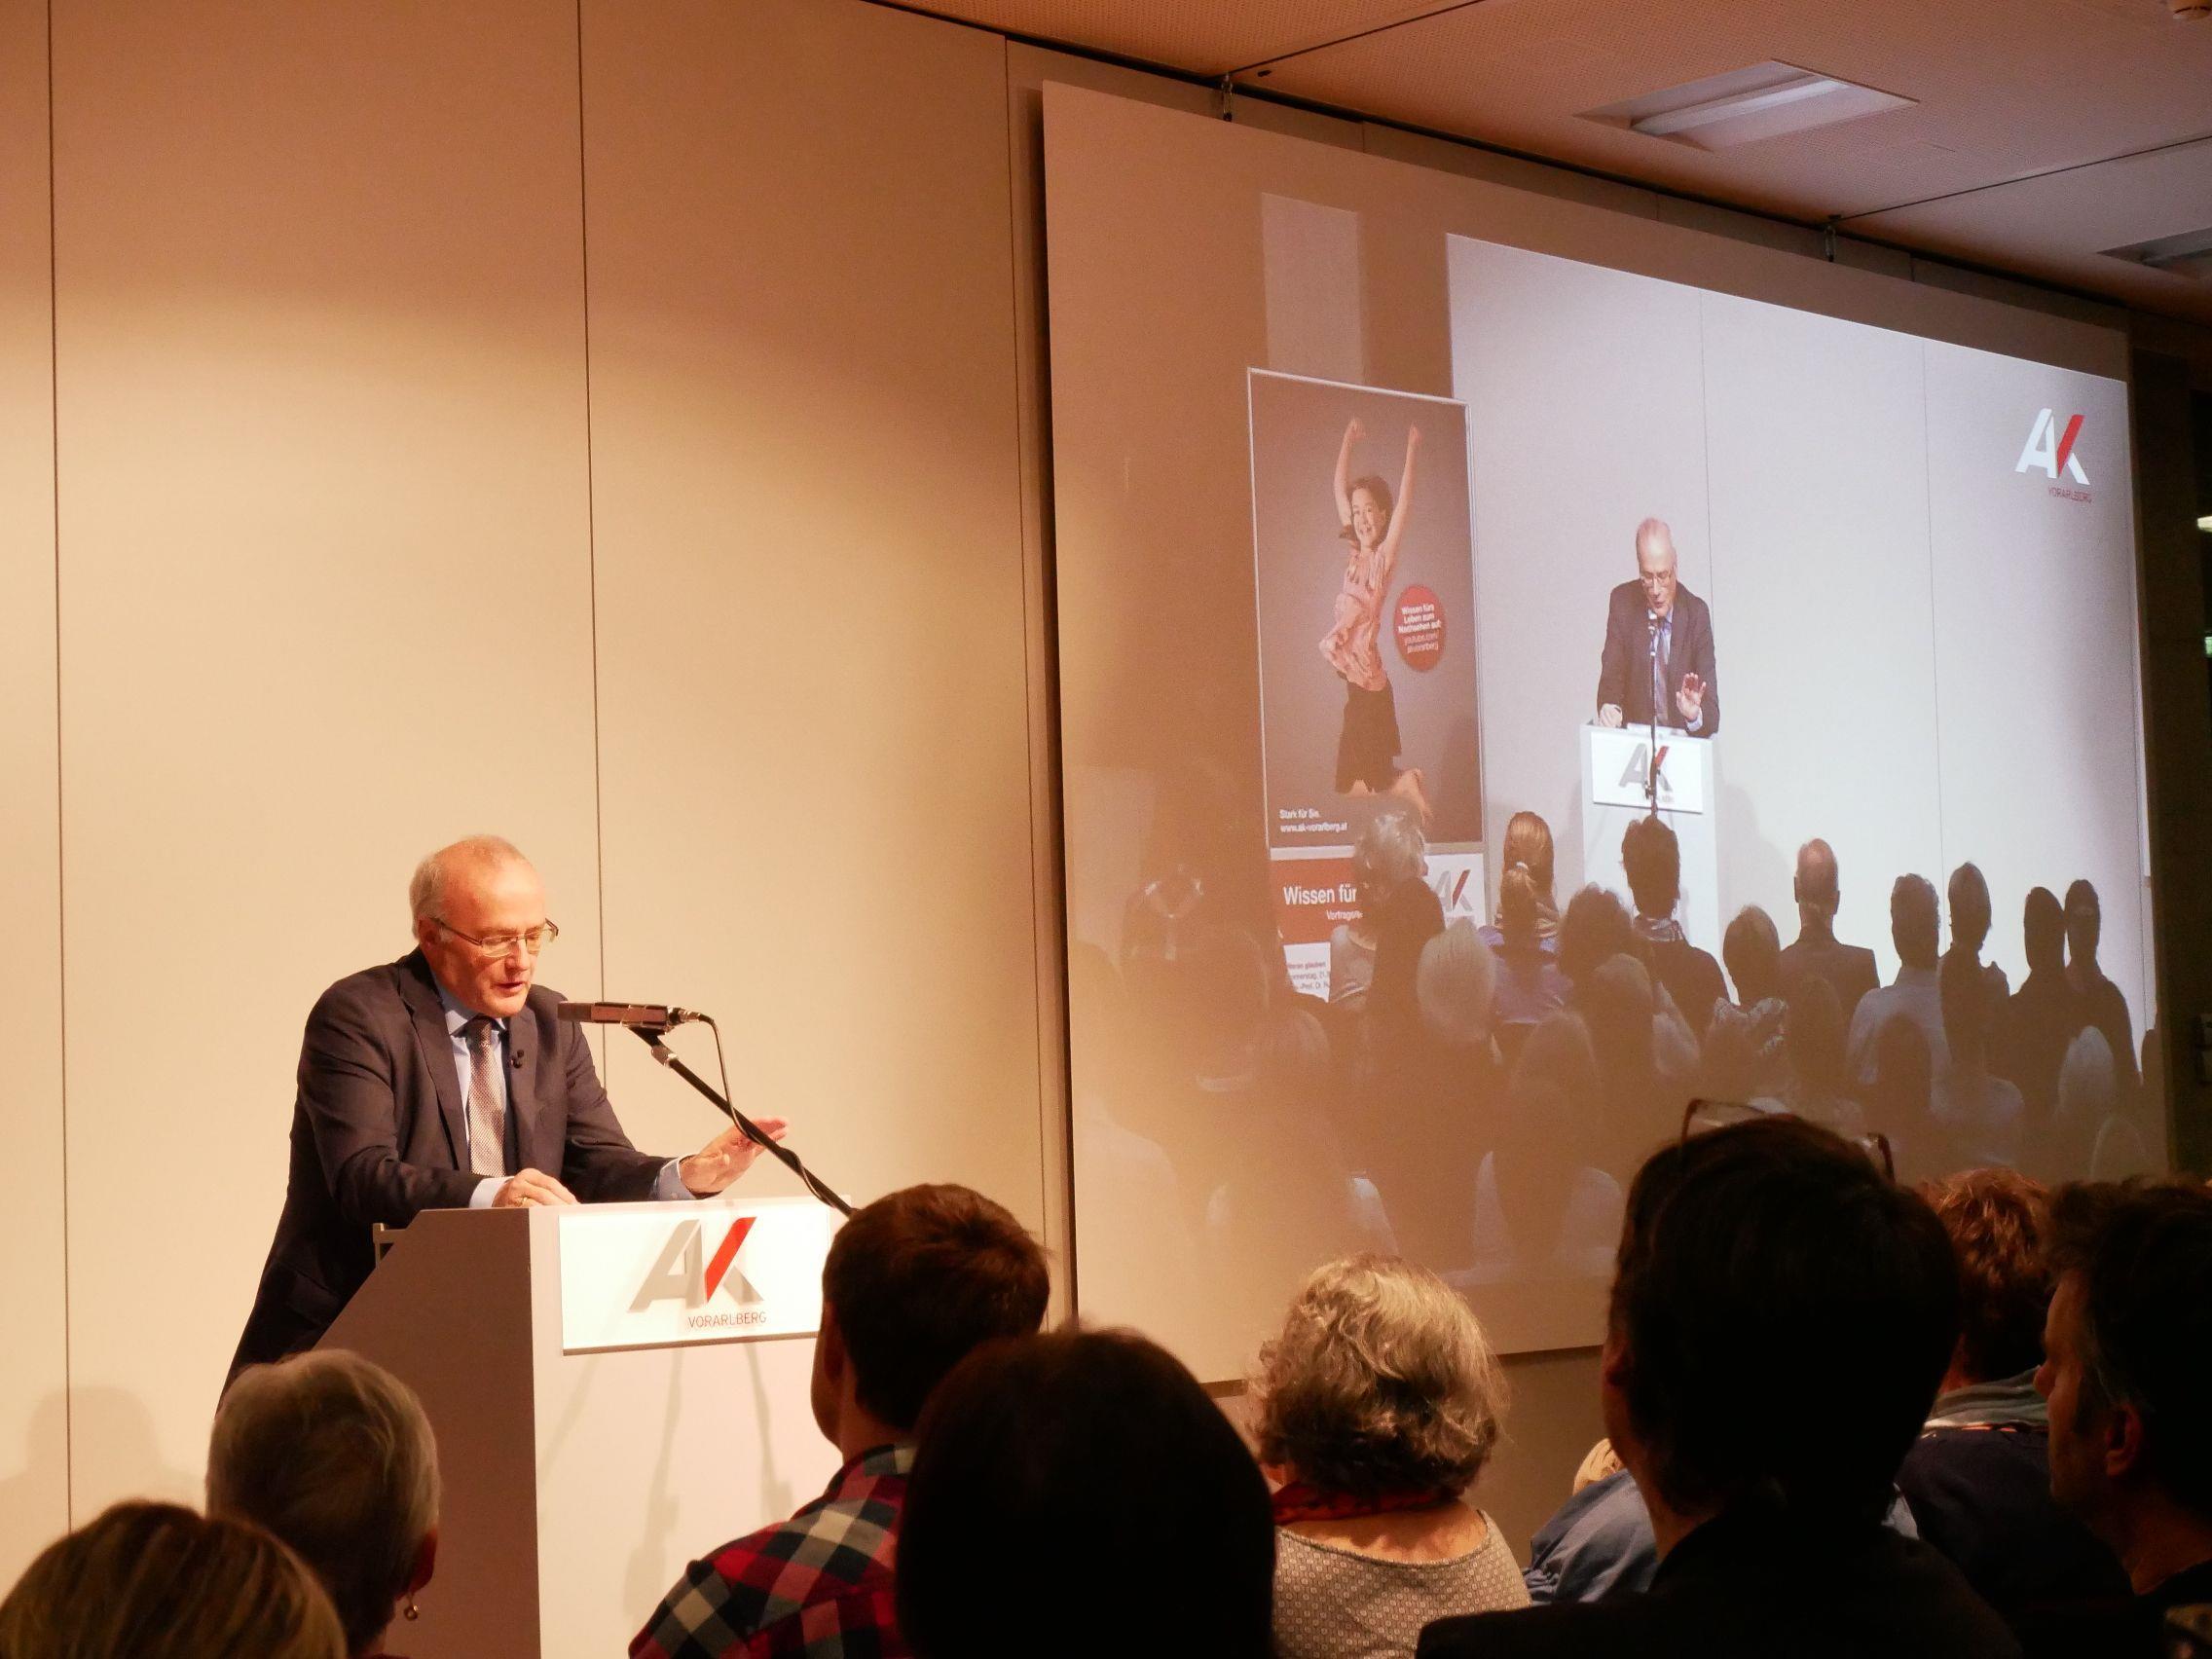 Psychiater und Bestsellerautor Reinhard Haller hielt einen Exklusiv-Vortrag übers Ver-rücktsein.